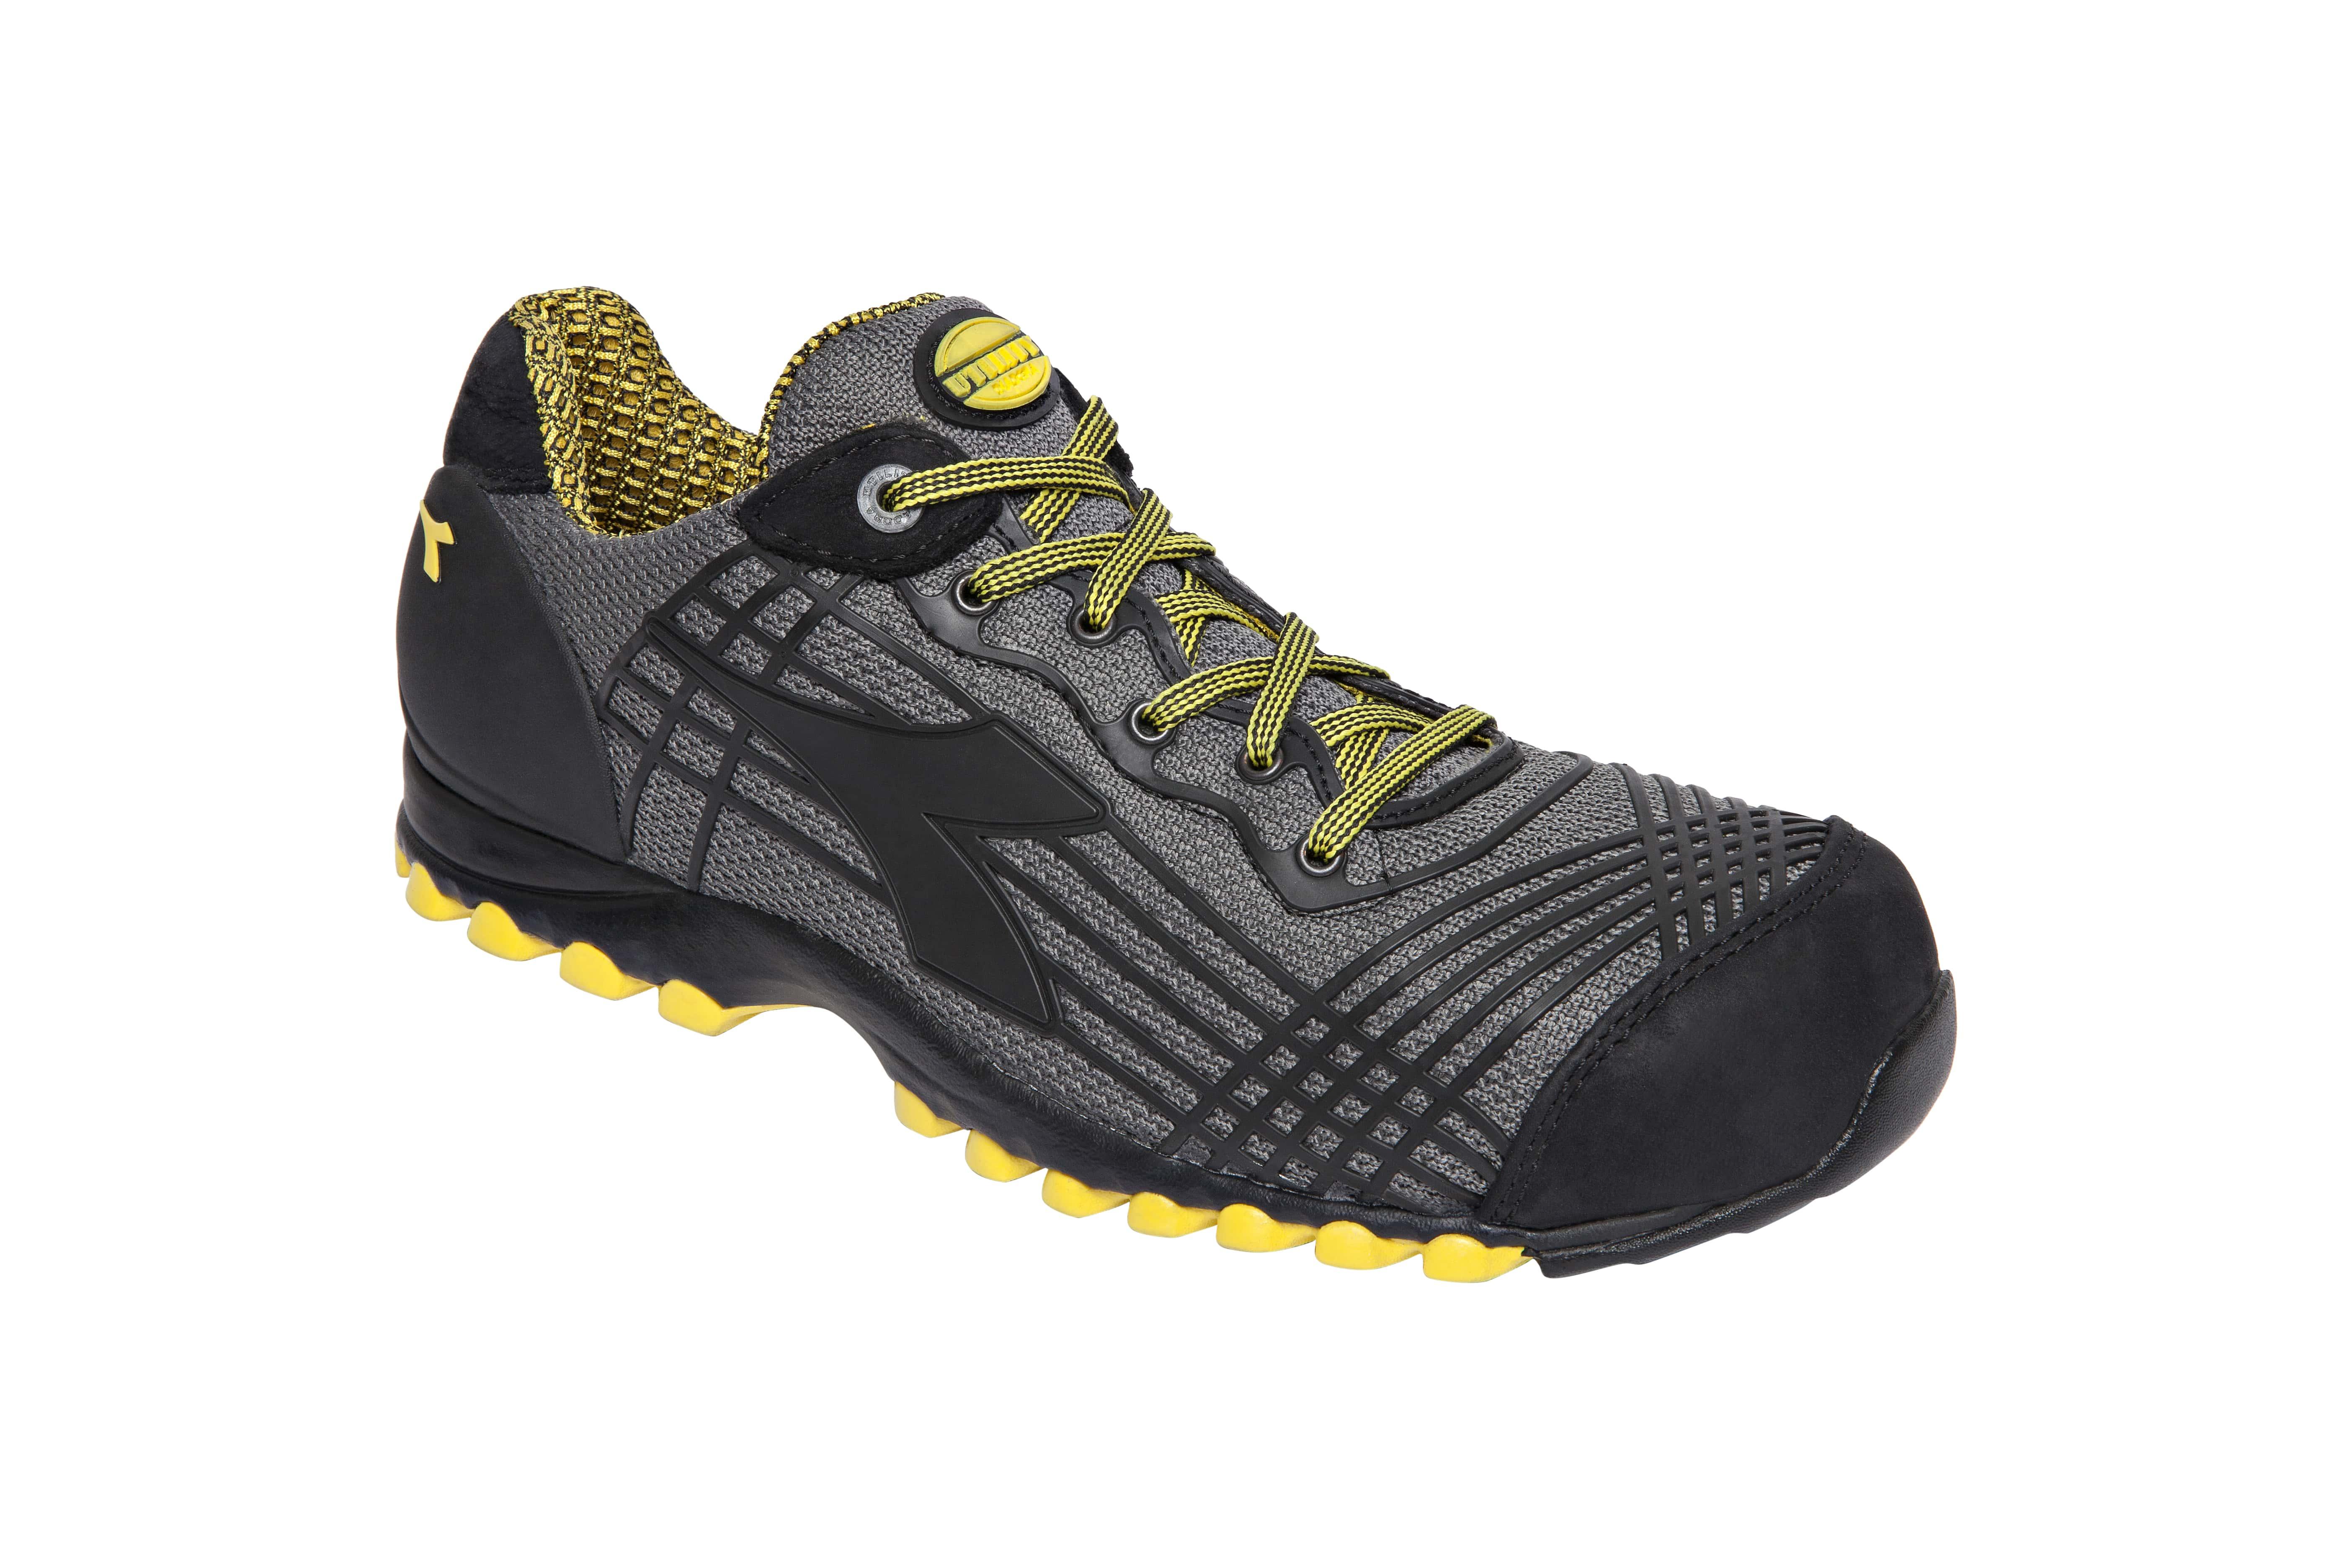 a2d48fa87c5 Zapatos de seguridad con tejido transpirable   Comprar zapatos de trabajo    Calzado de Protección